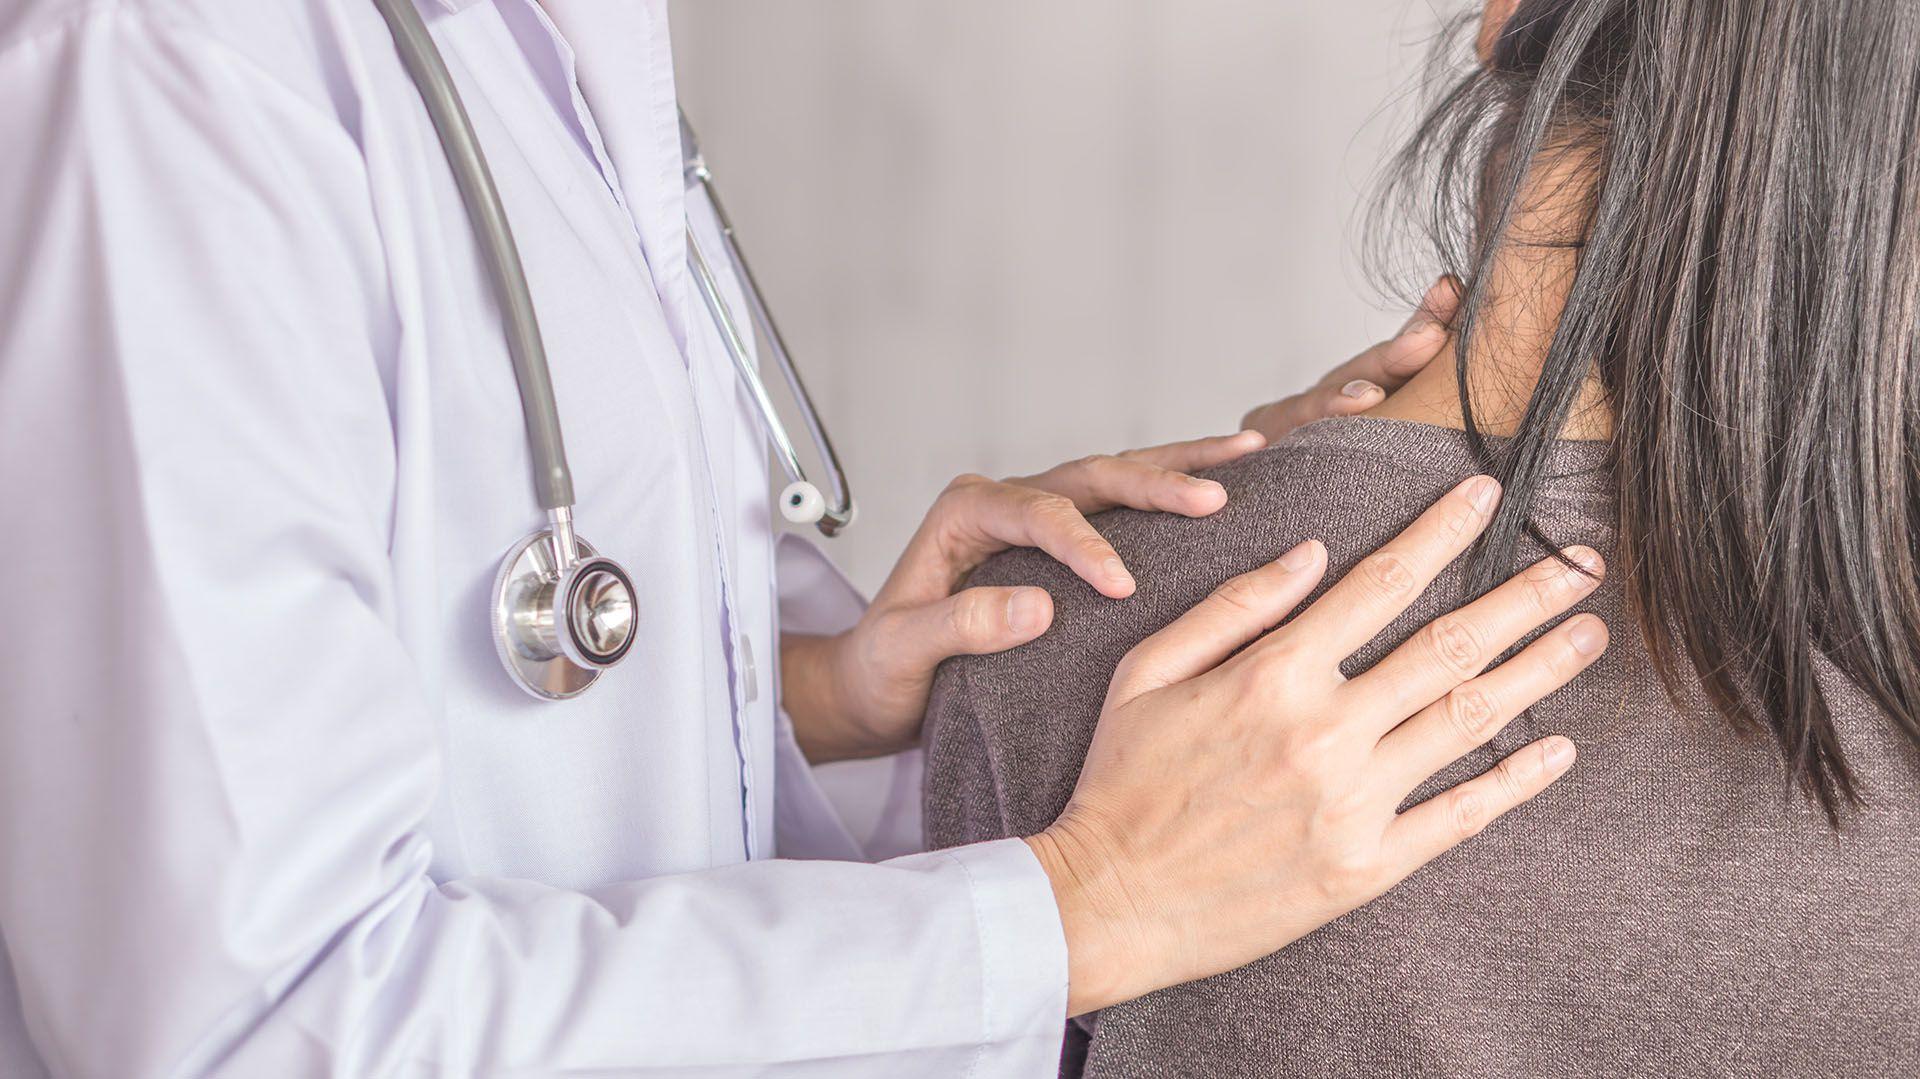 Las personas con estas condiciones pueden sentir dolor generalizado, fatiga, hipersensibilidad, trastorno del sueño, confusión, pérdida de memoria, alteraciones gastrointestinales, dolor de cabeza y hormigueos (Getty Images)